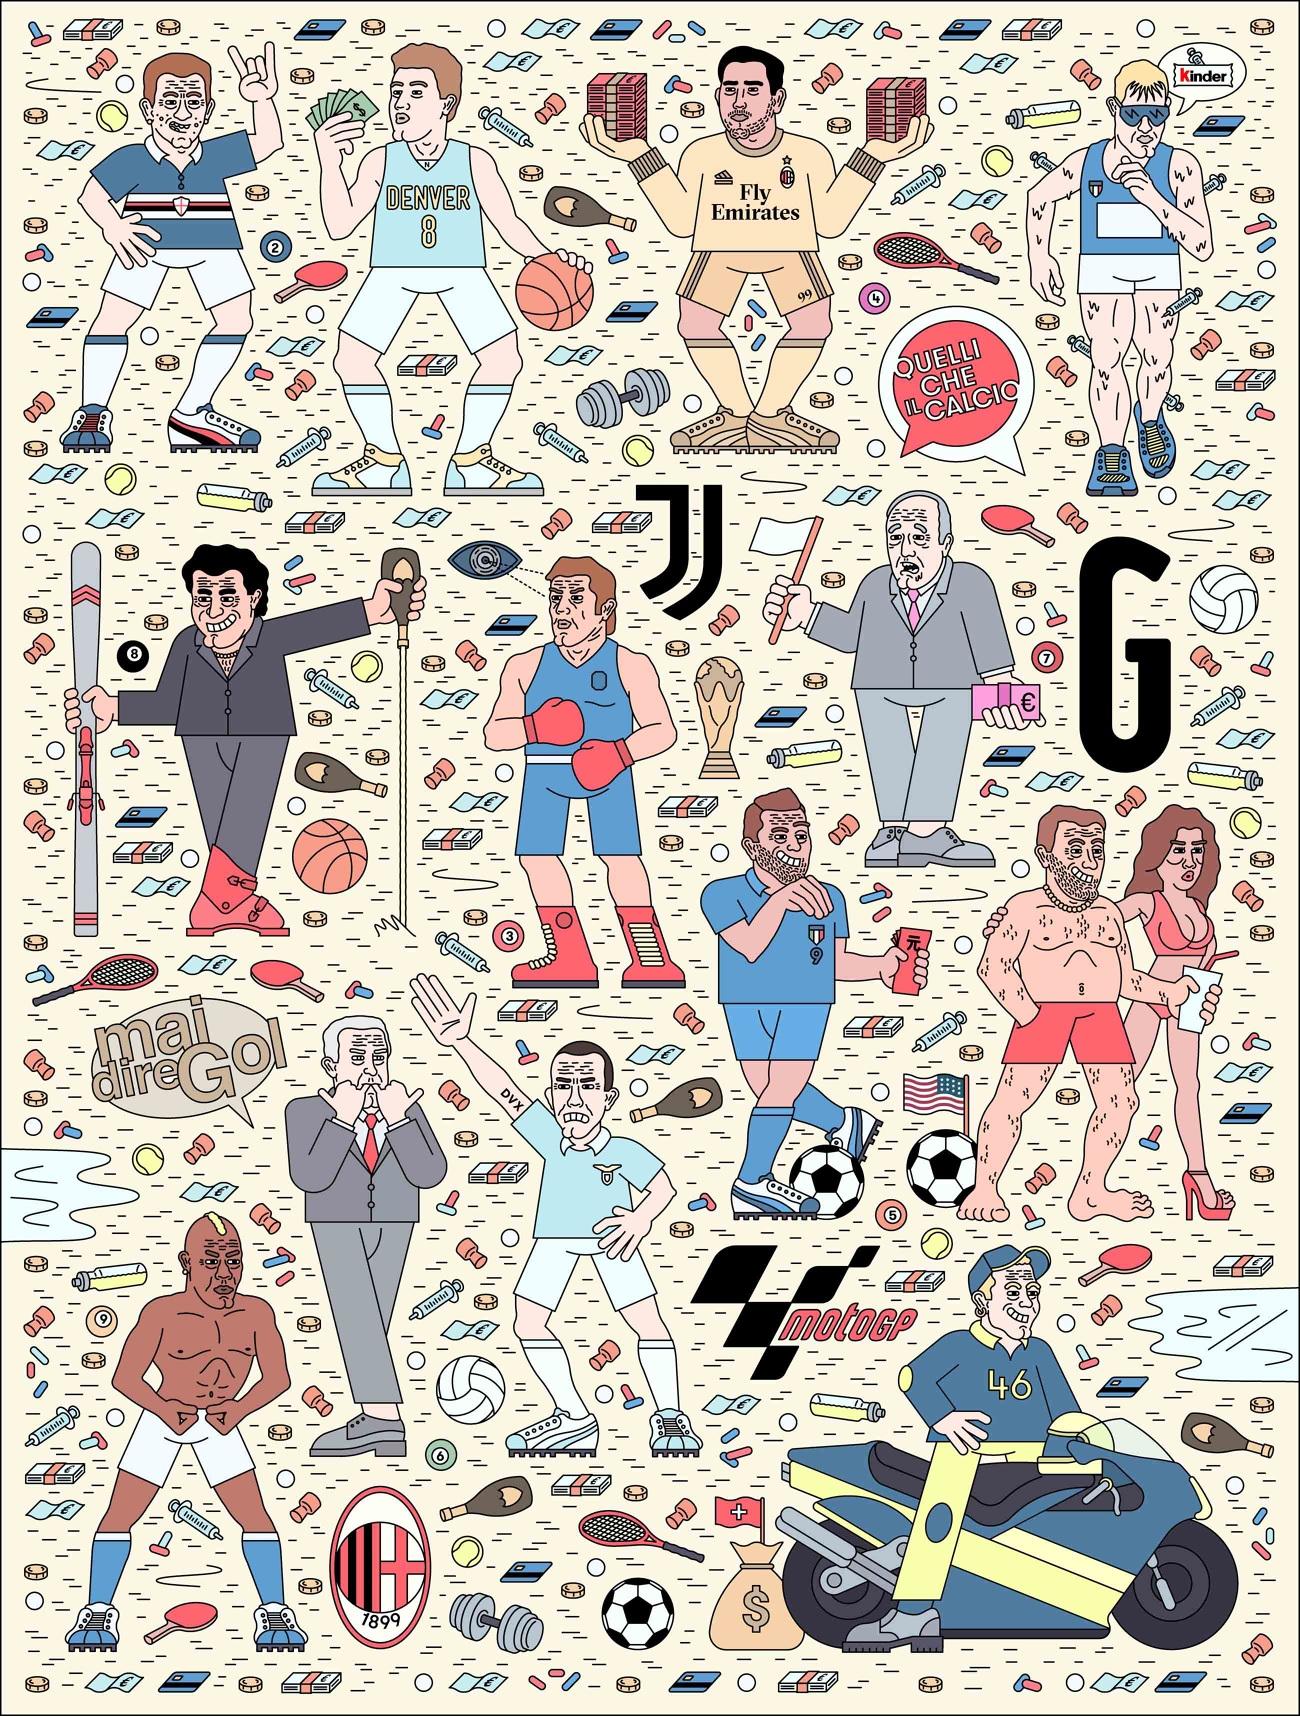 La cultura pop italiana nelle illustrazioni di Filippo Fontana | Collater.al 4